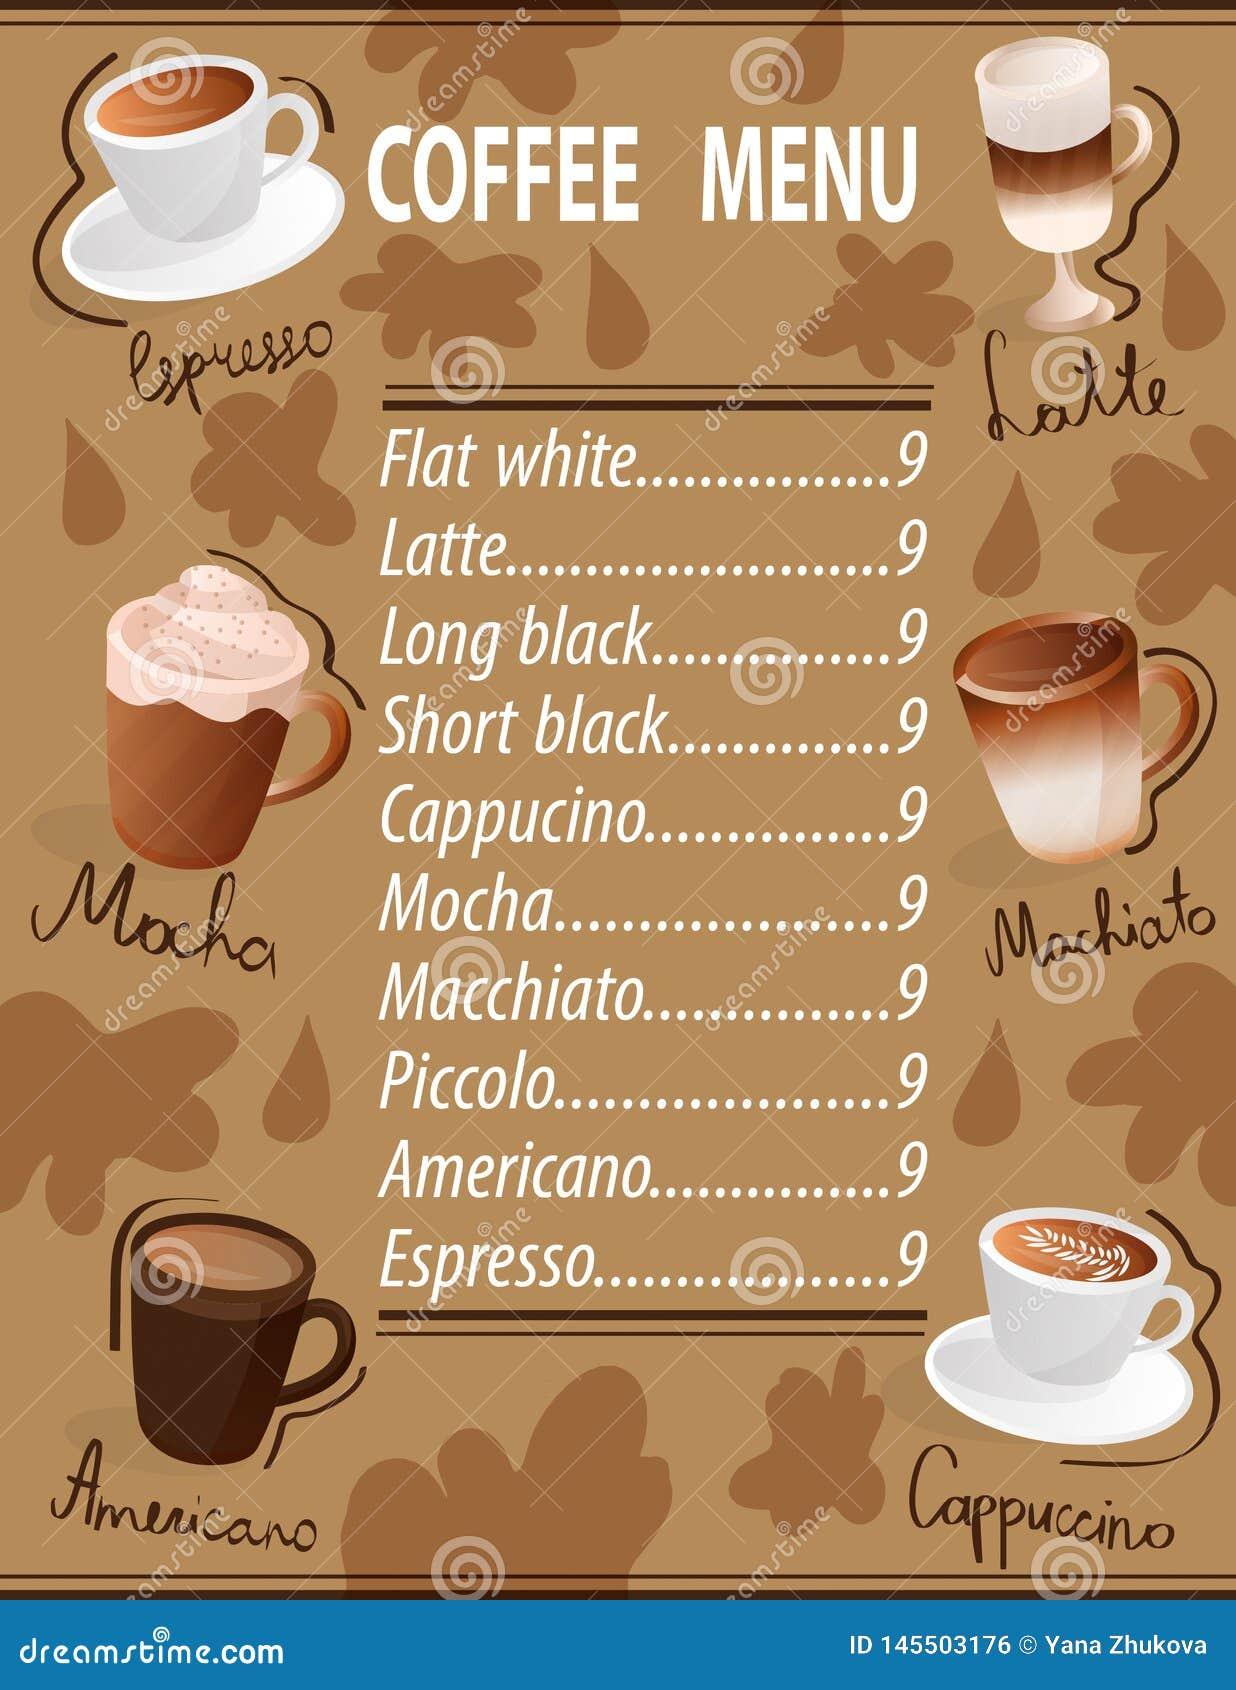 浓咖啡machiato拿铁americano上等咖啡热奶咖啡集合咖啡菜单杯子饮料